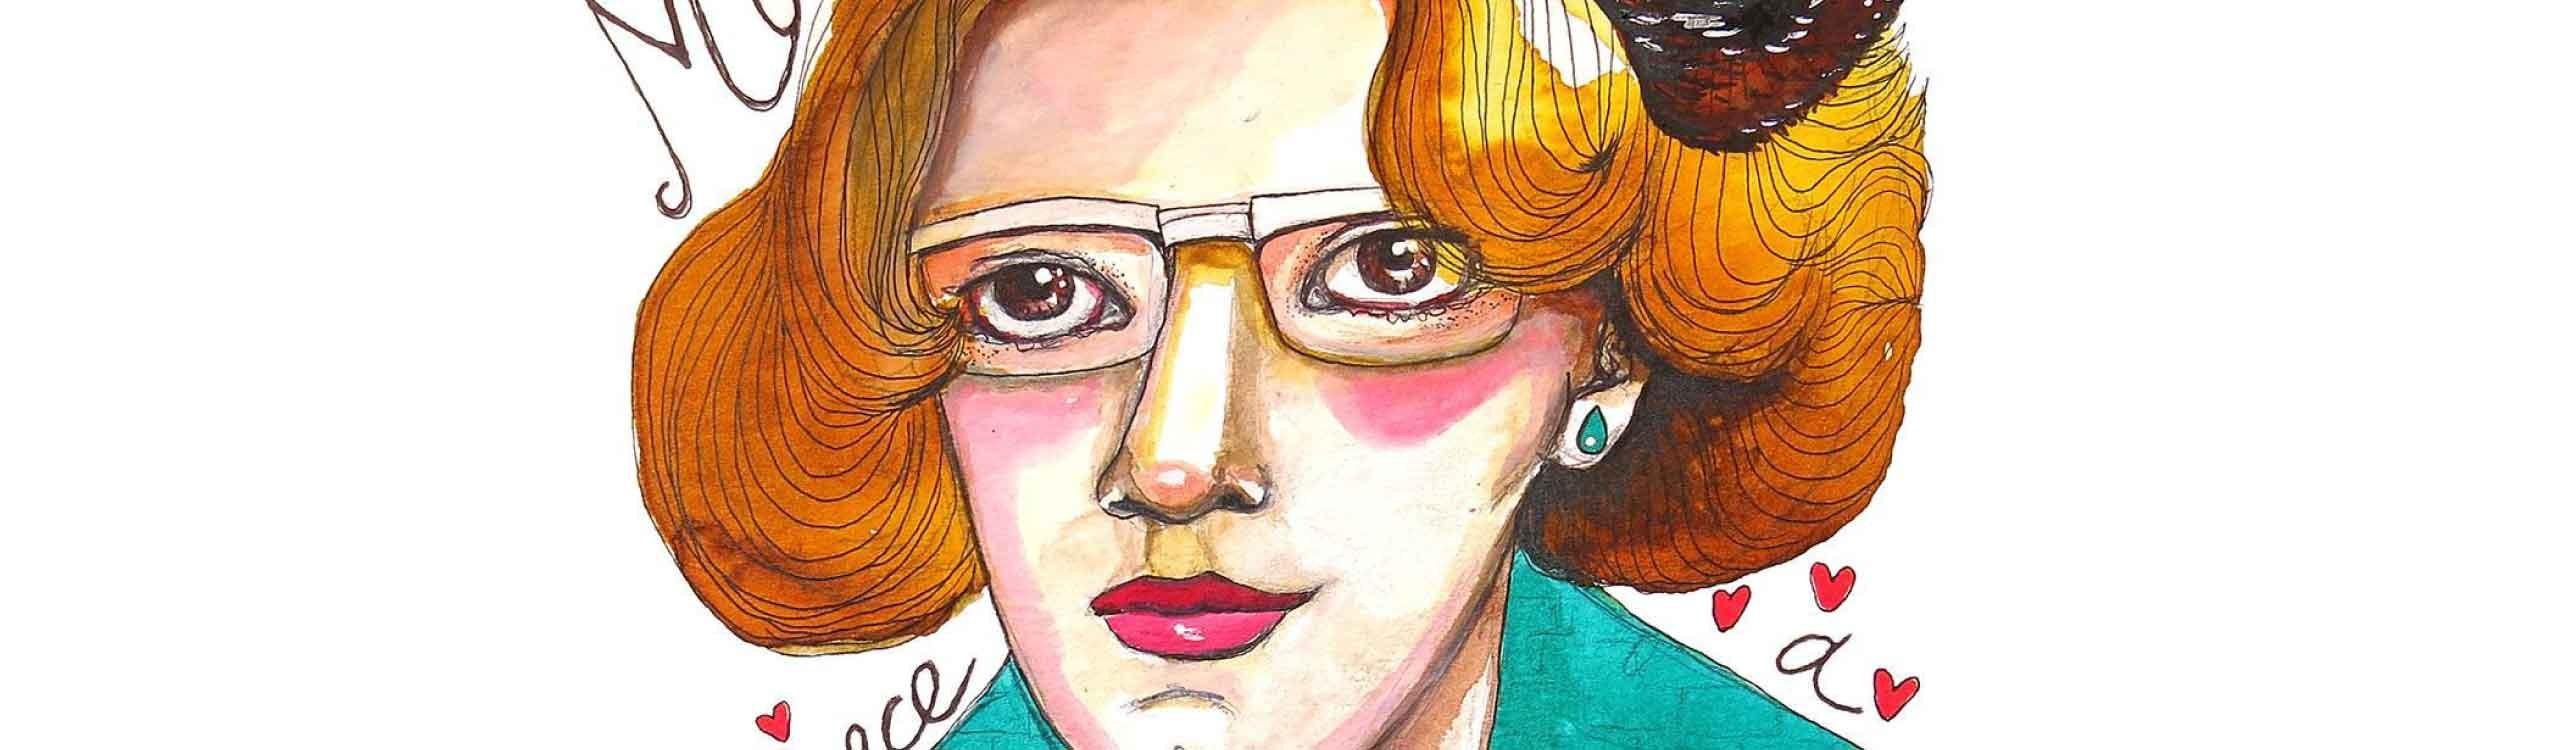 manuela-carmena-mis-gafas-de-pasta-destacado